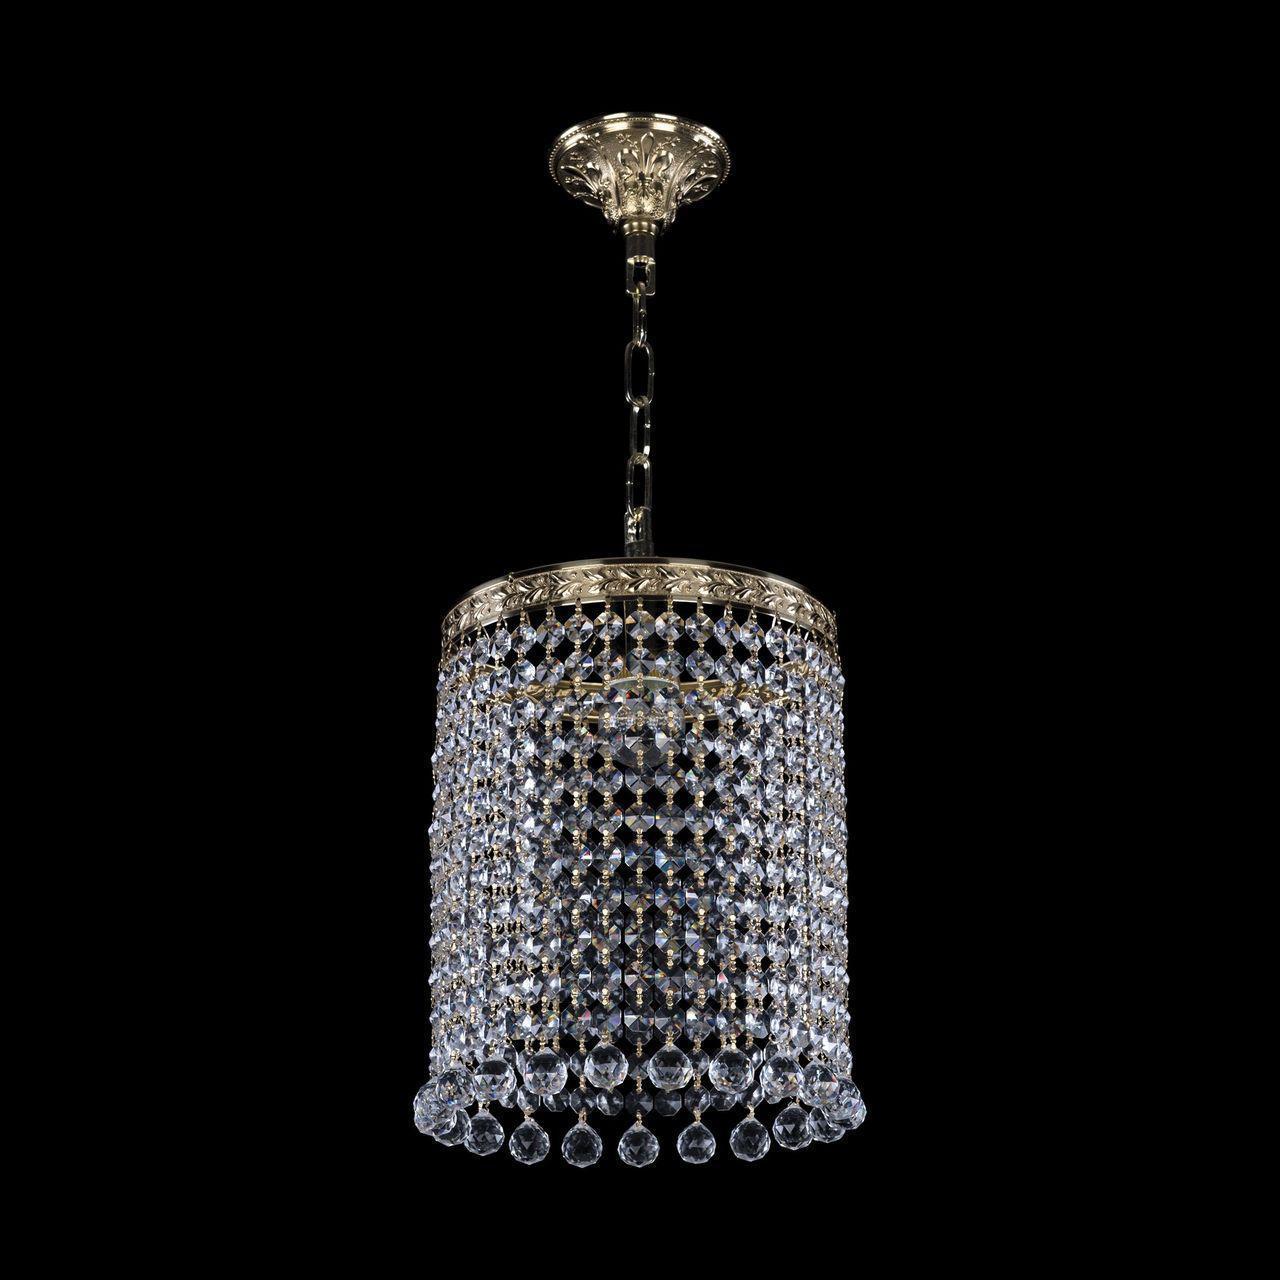 Подвесной светильник Bohemia Ivele 19201/20IV G Balls